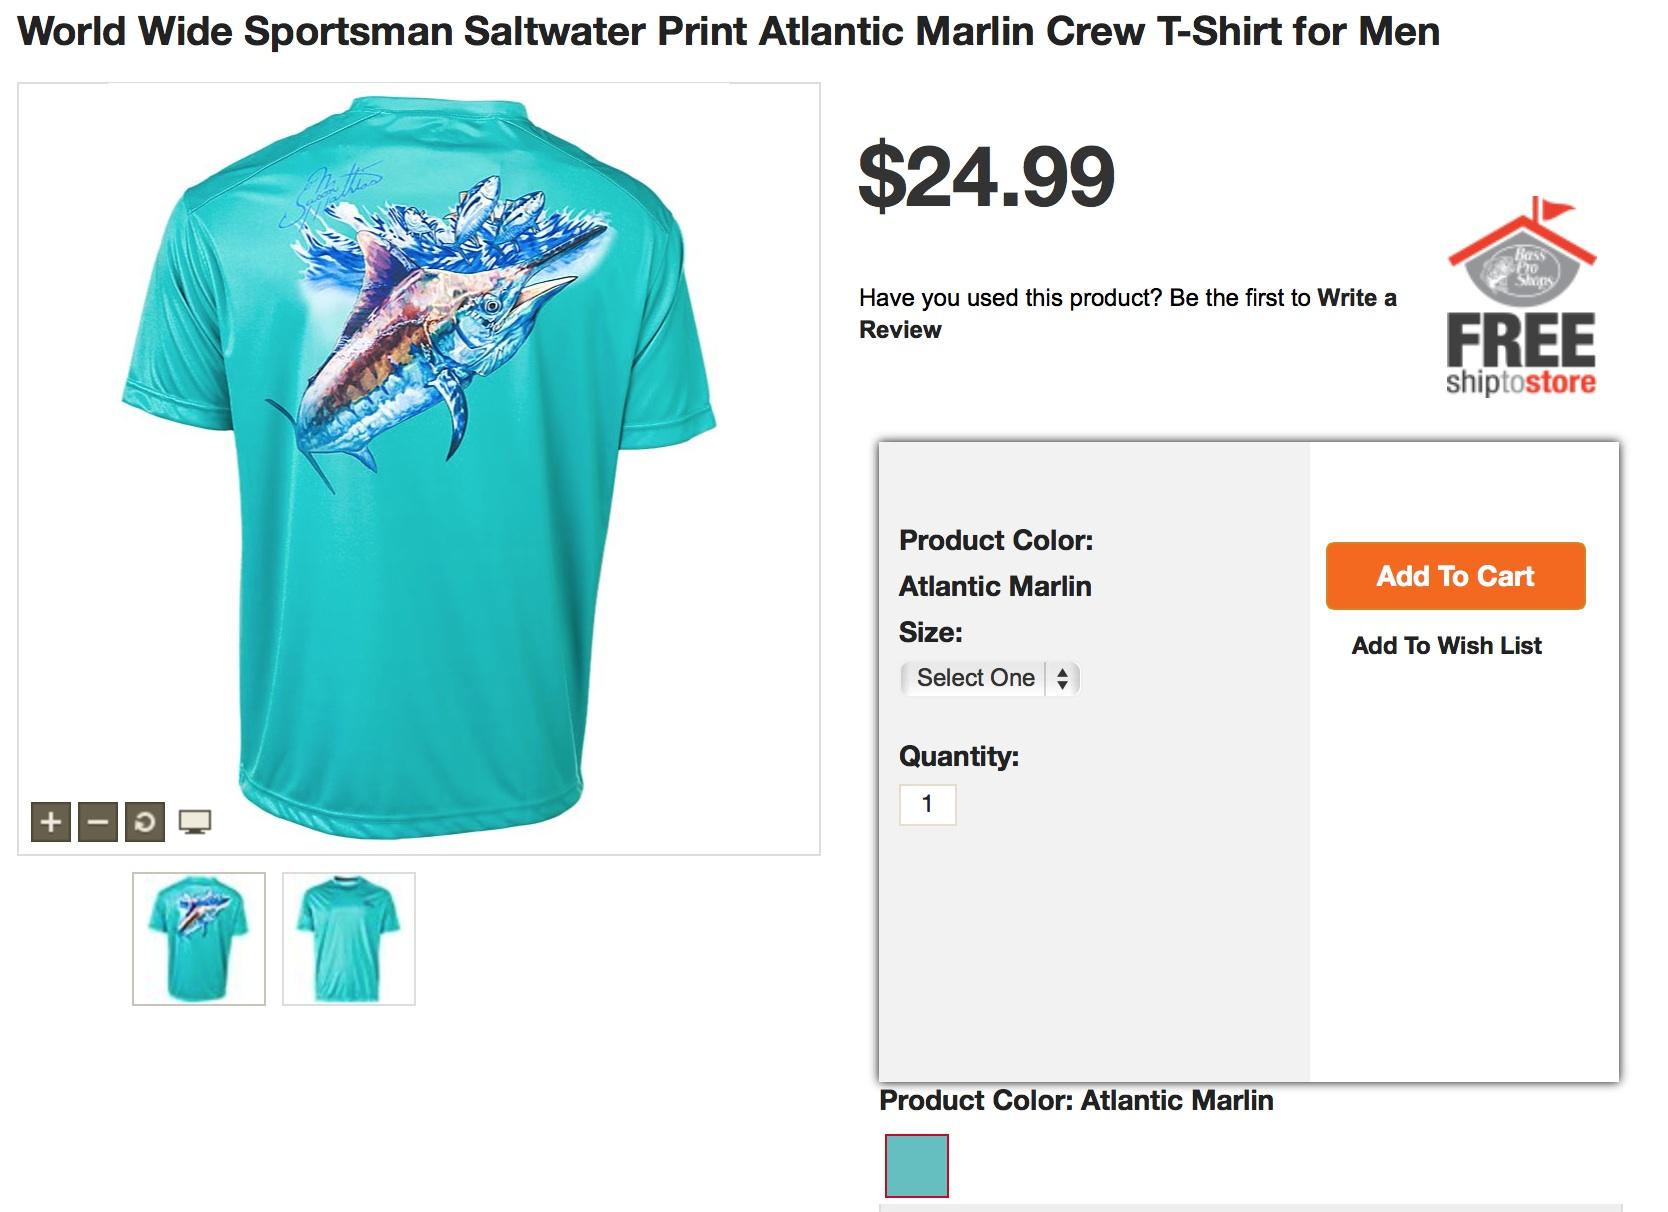 marlin-shirt-jason-mathias.jpg